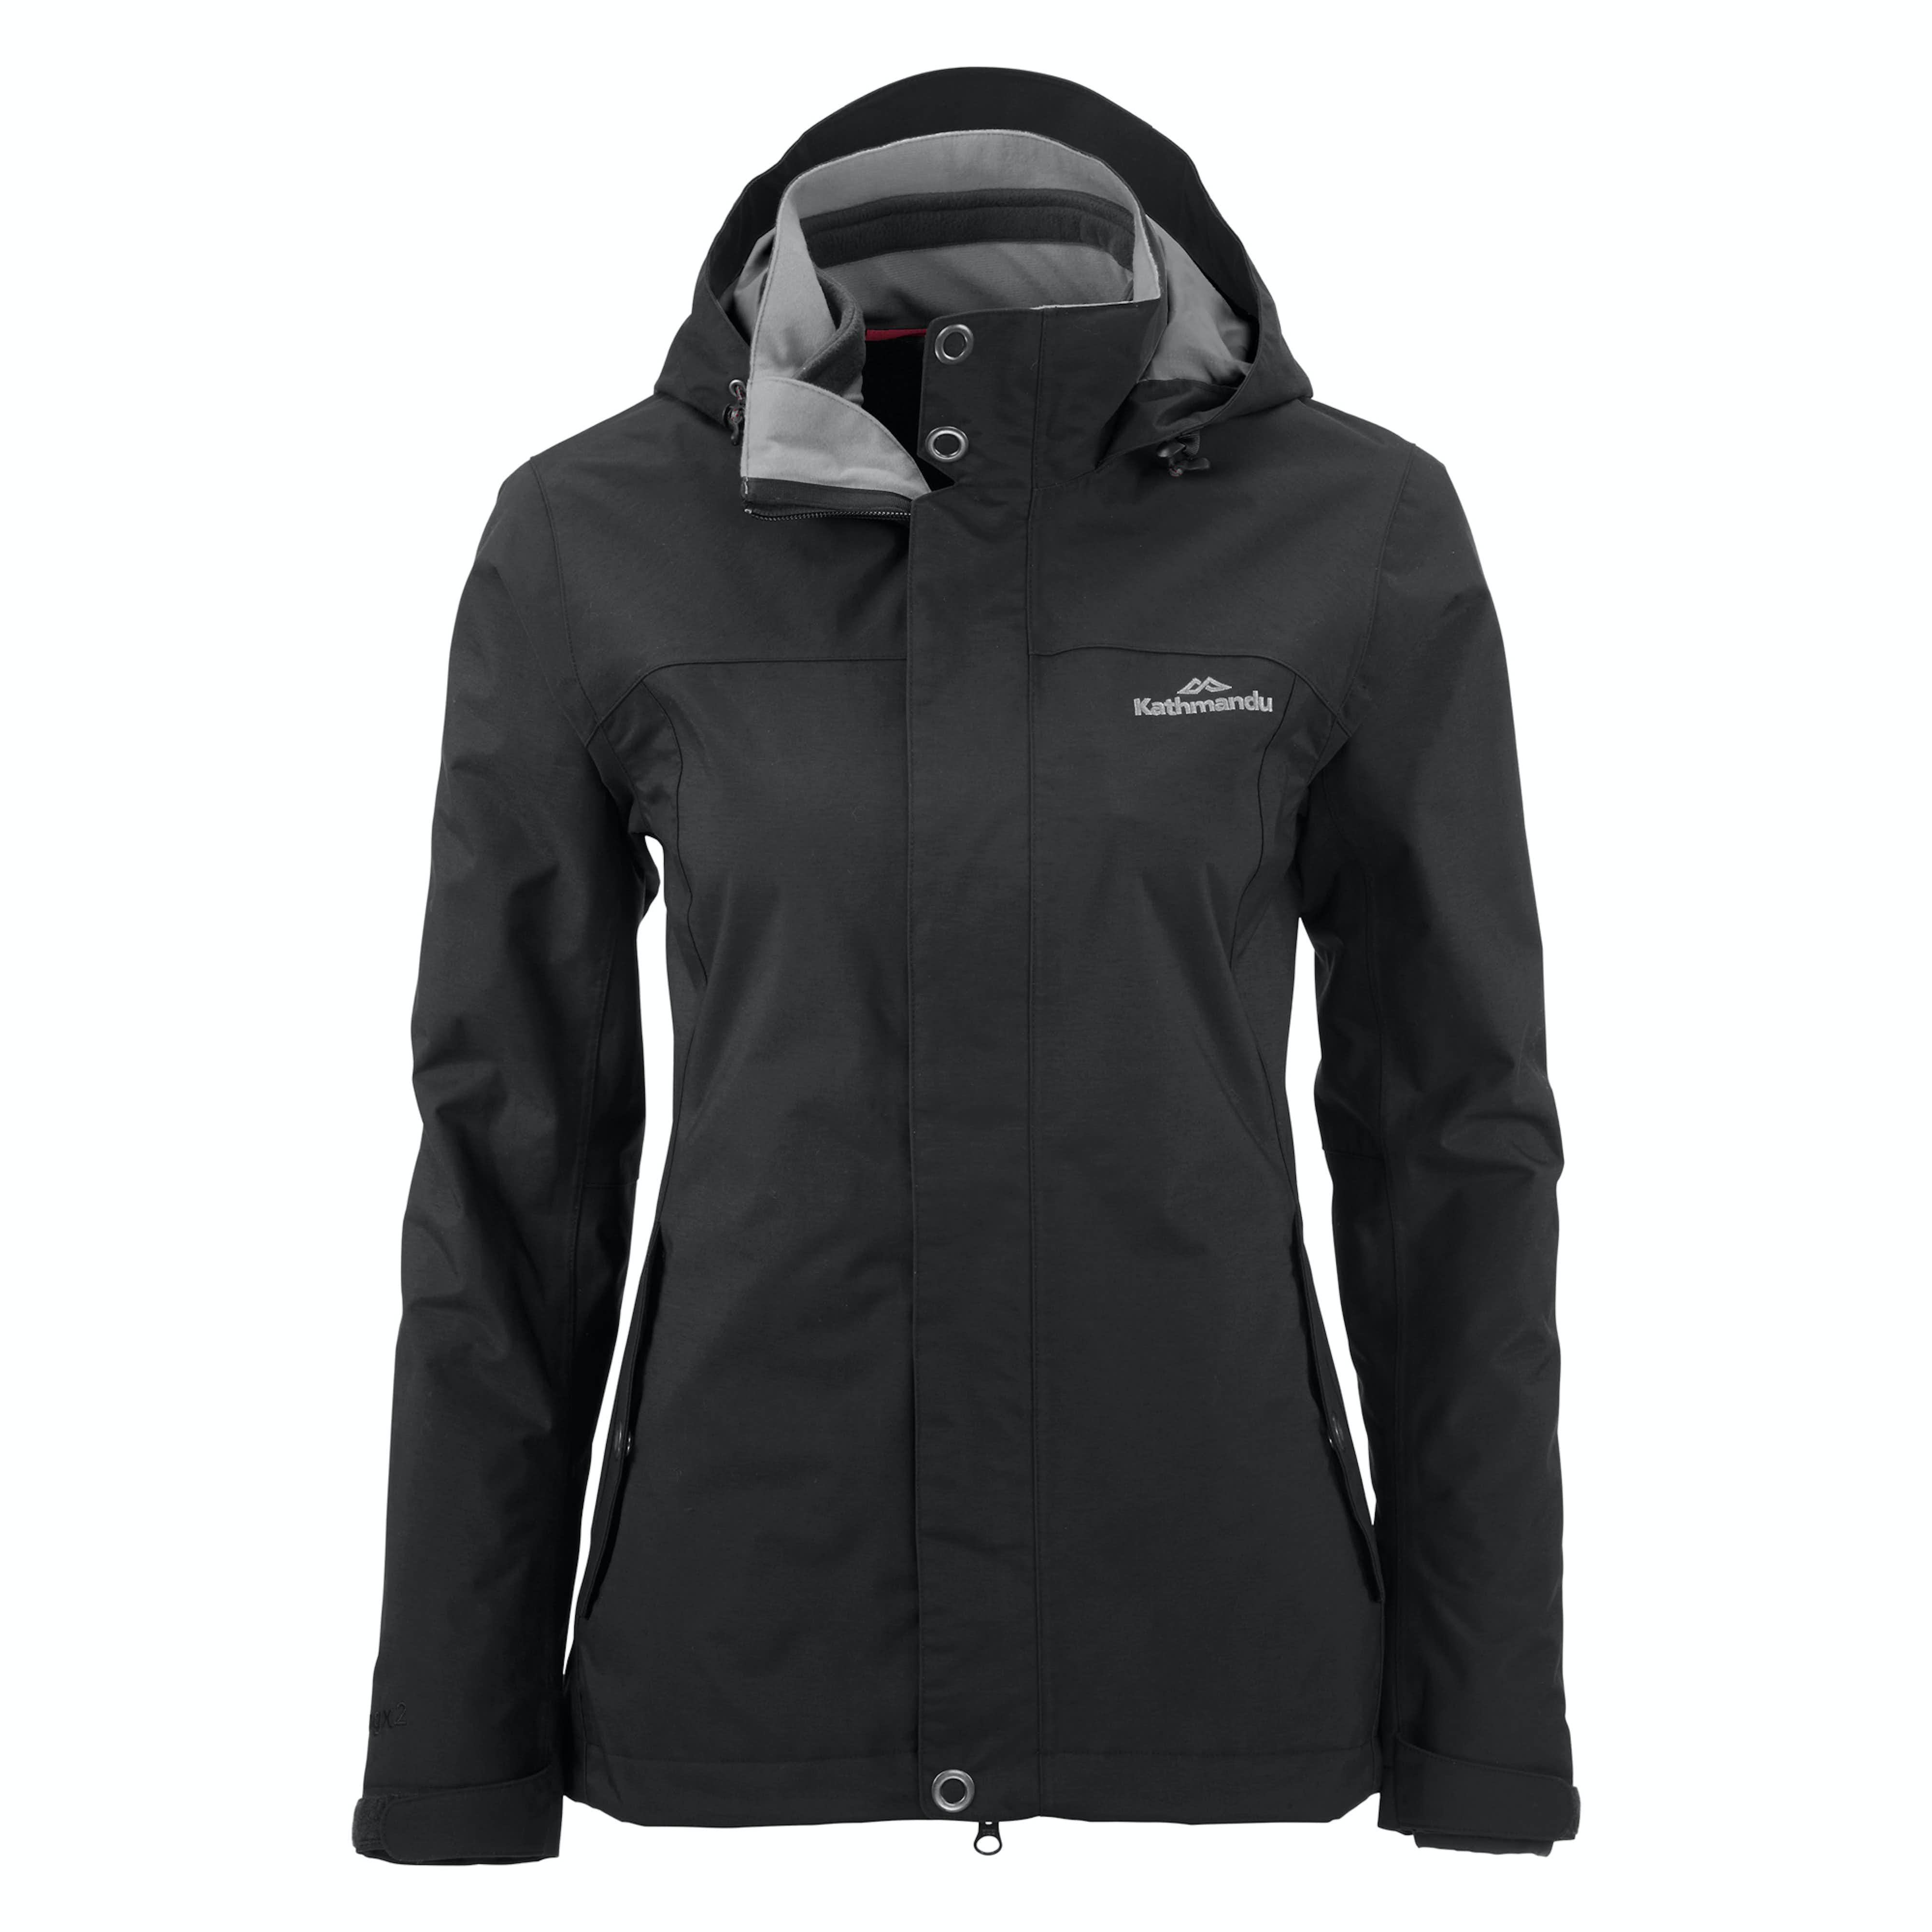 0b4c6806b183 Isograd Women s Waterproof 3 in 1 Jacket v2 - French Blue